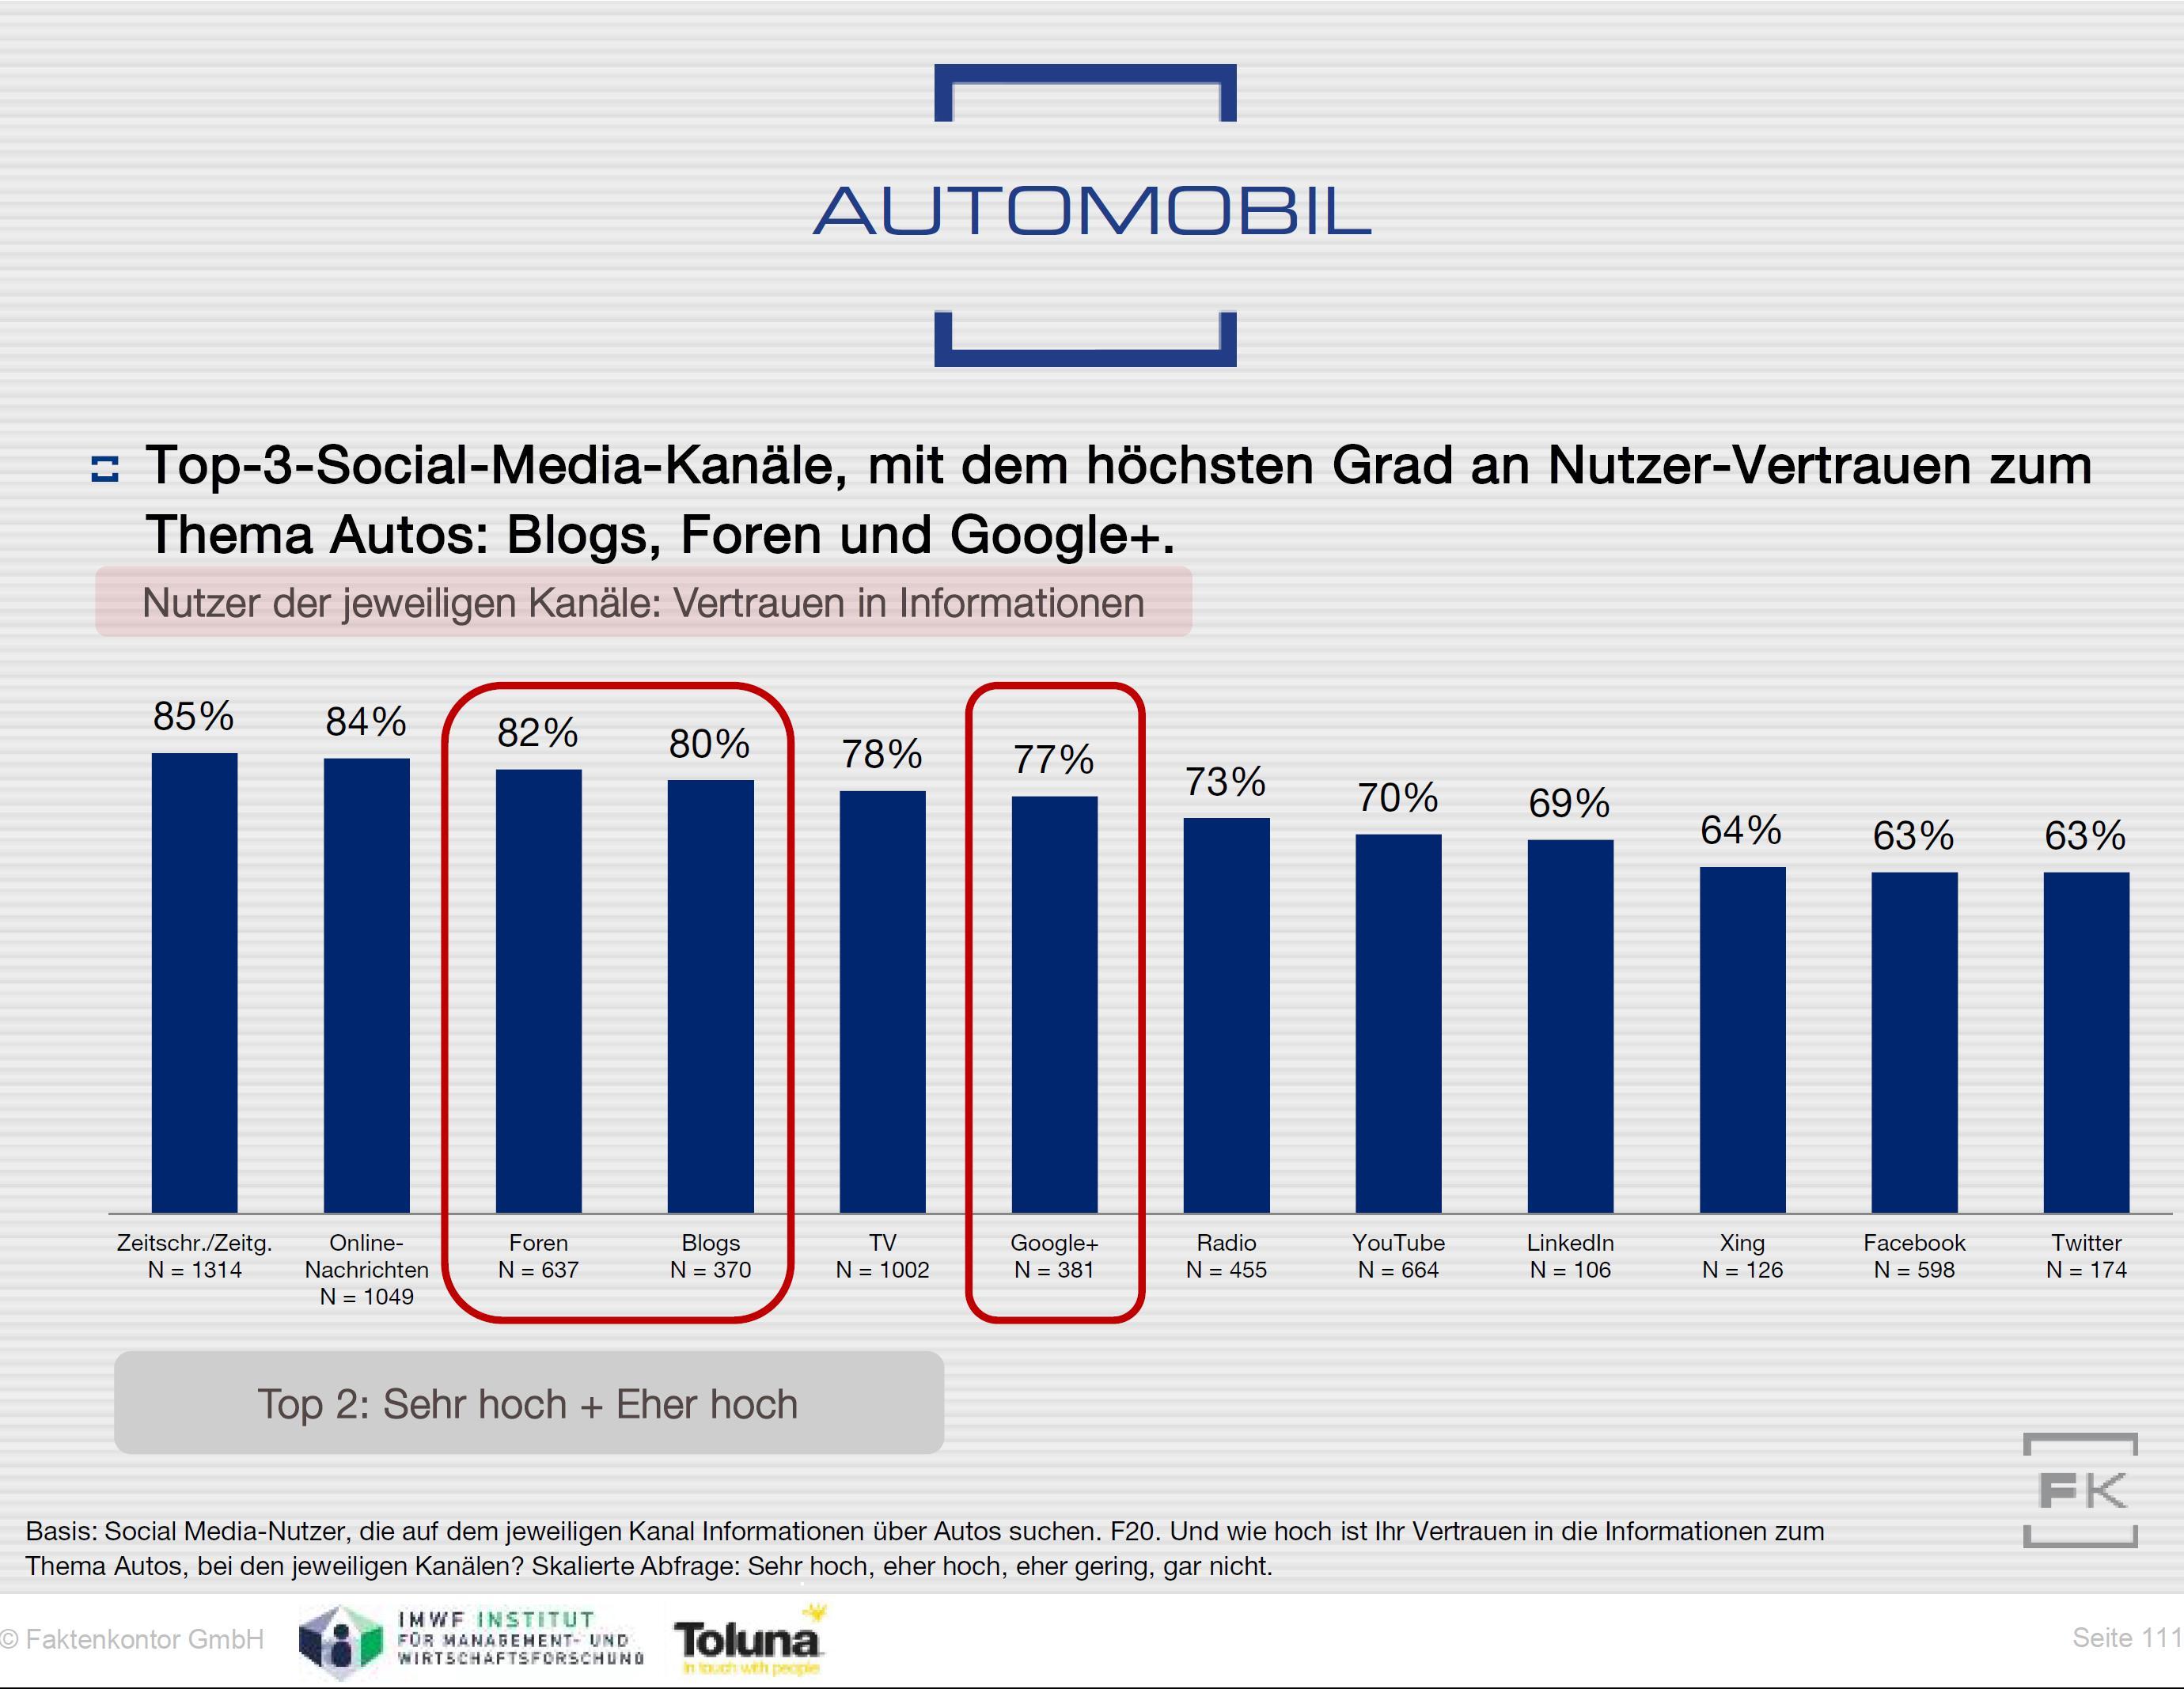 Kanäle Vertrauen Automobile Social Media-Atlas 2014 2015 Faktenkontor